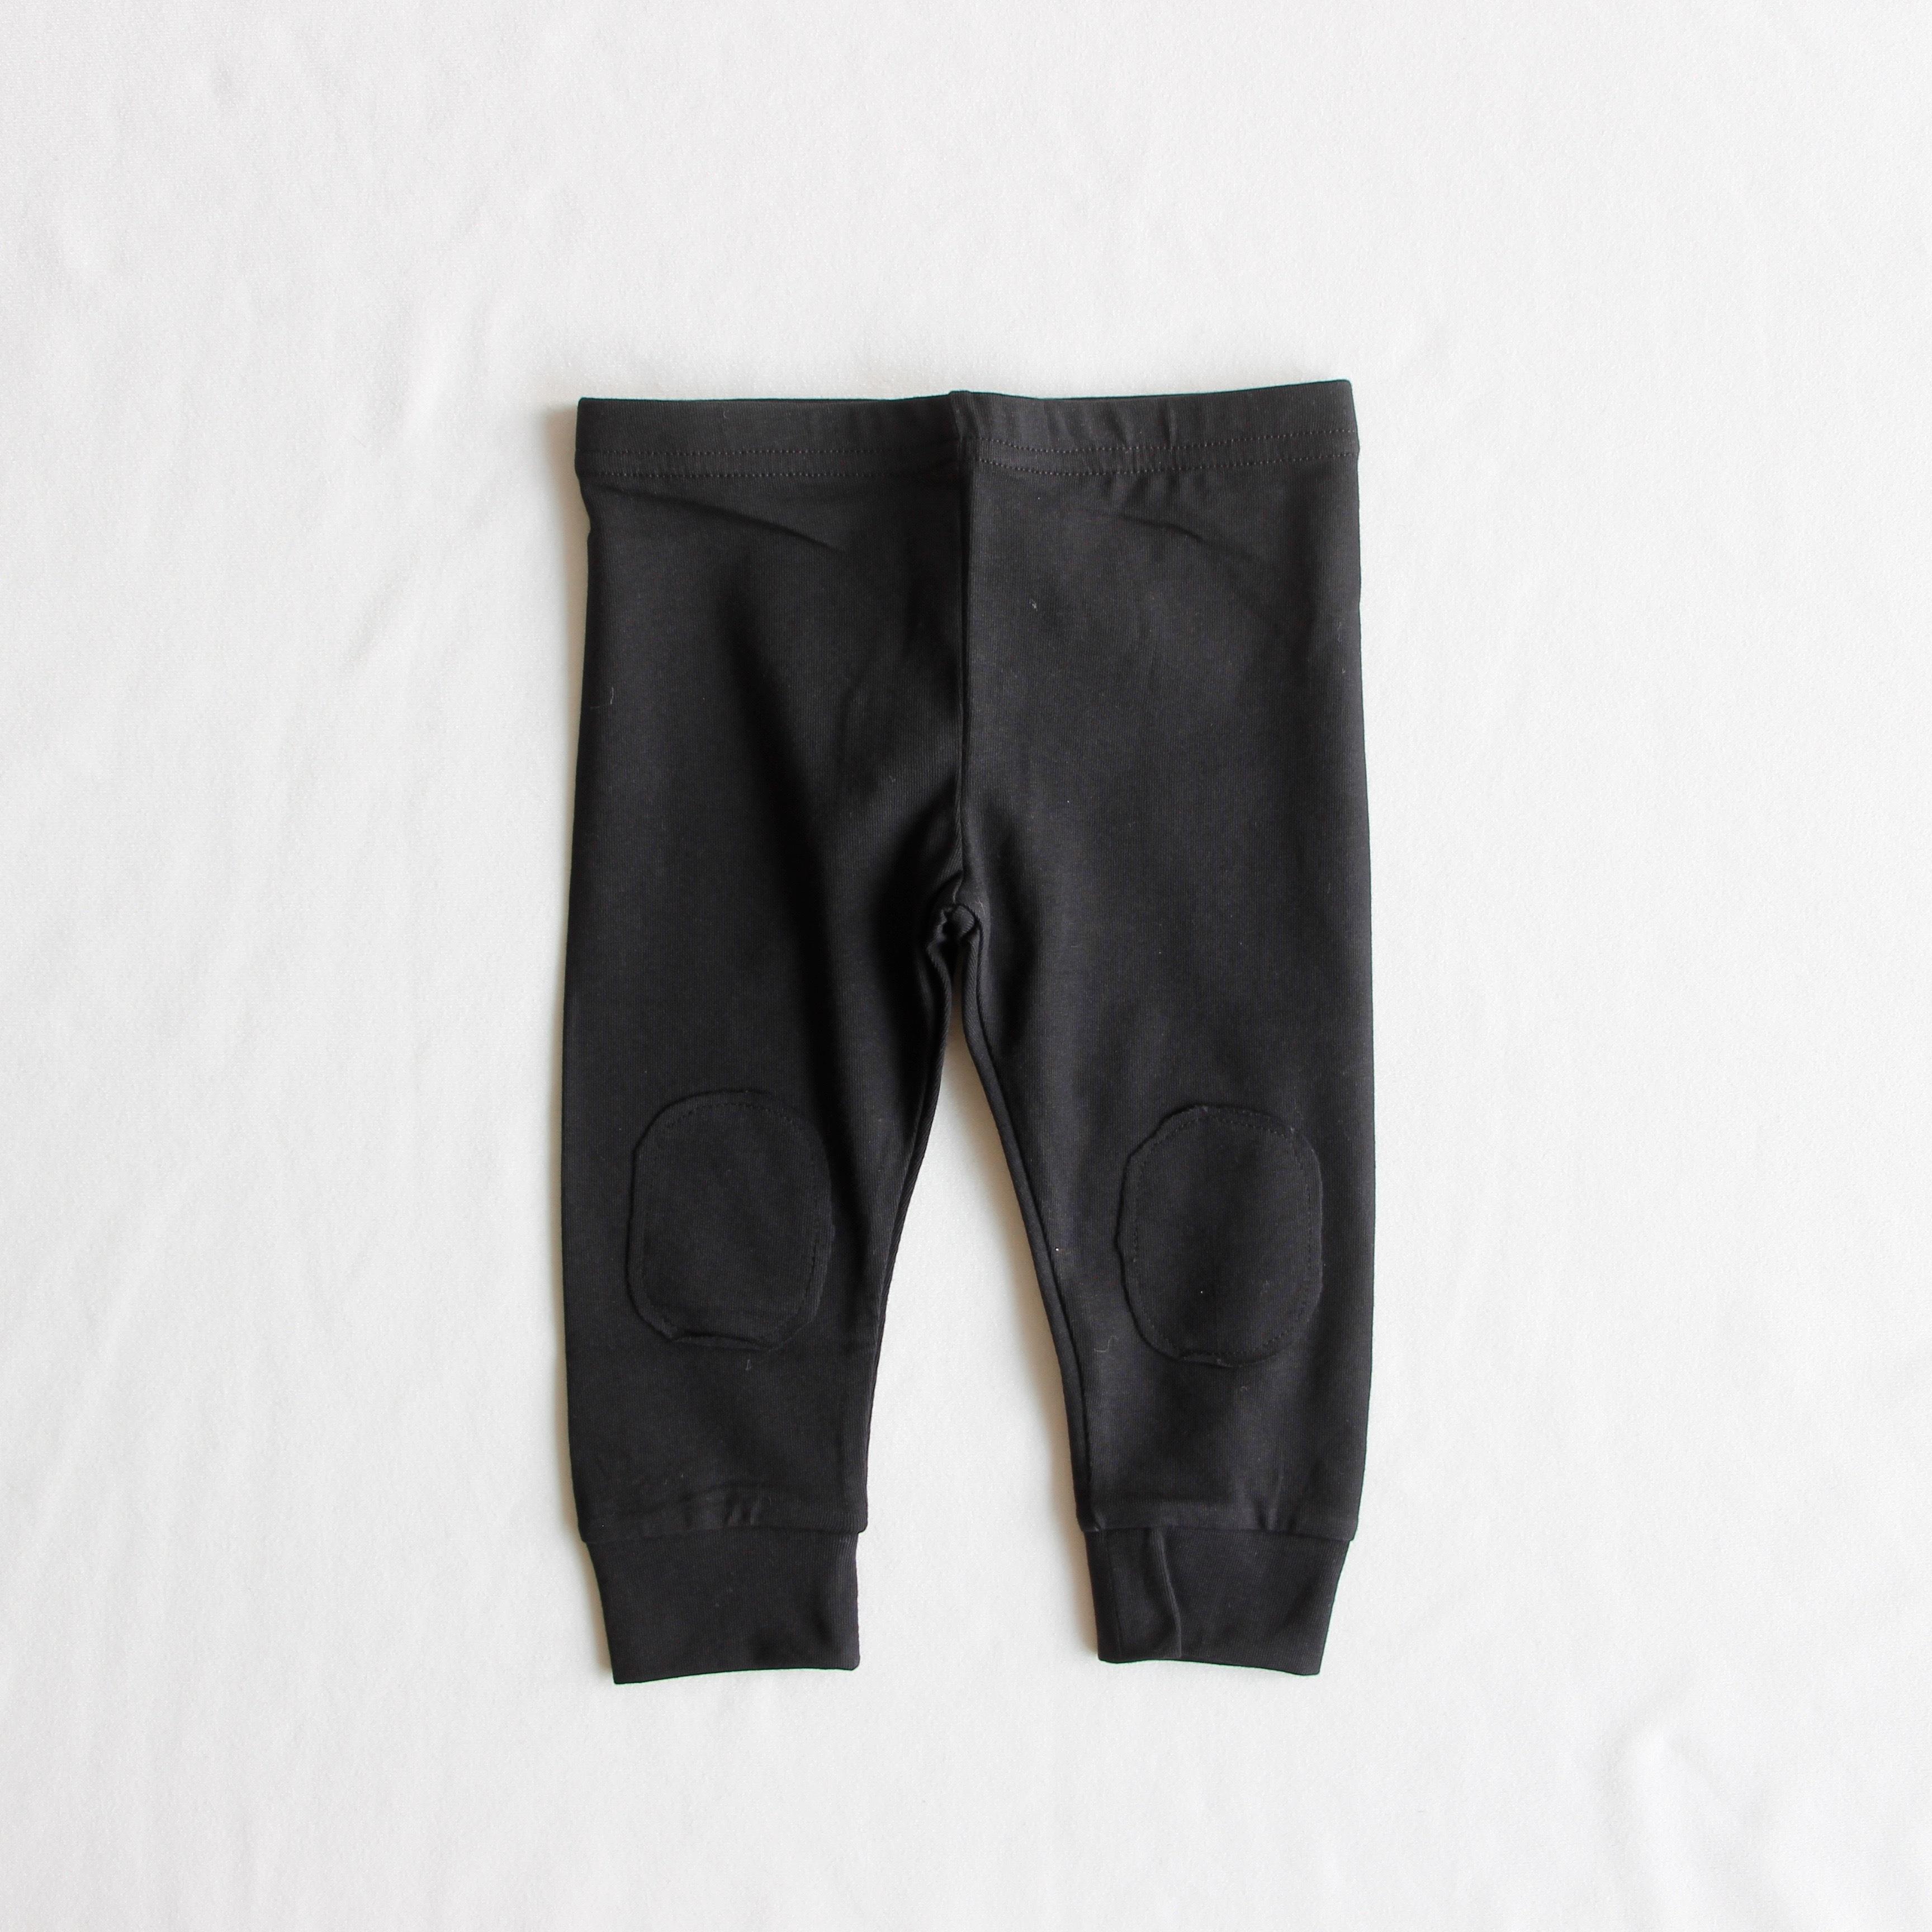 《MINGO.》Legging / black